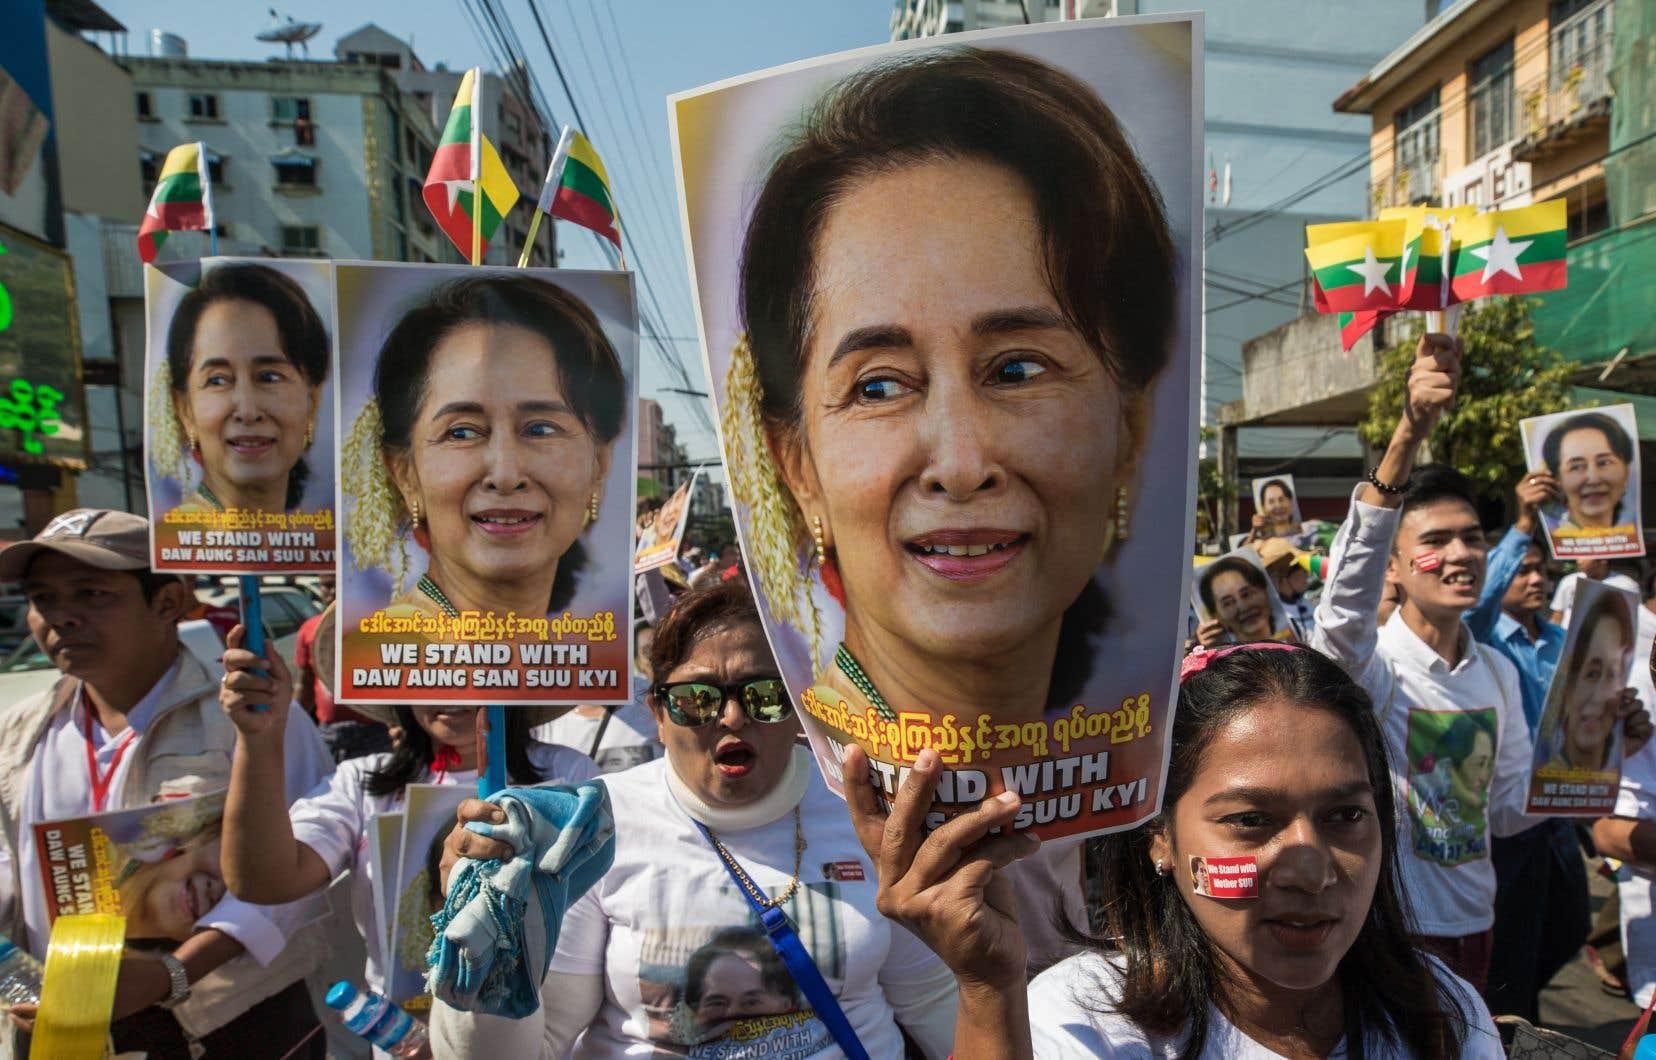 Manifestations quasi quotidiennes, économie paralysée par des grèves massives, recrudescence des affrontements entre armée et factions ethniques rebelles: le Myanmar est en ébullition depuis le putsch qui a mis fin à une parenthèse démocratique de 10ans.